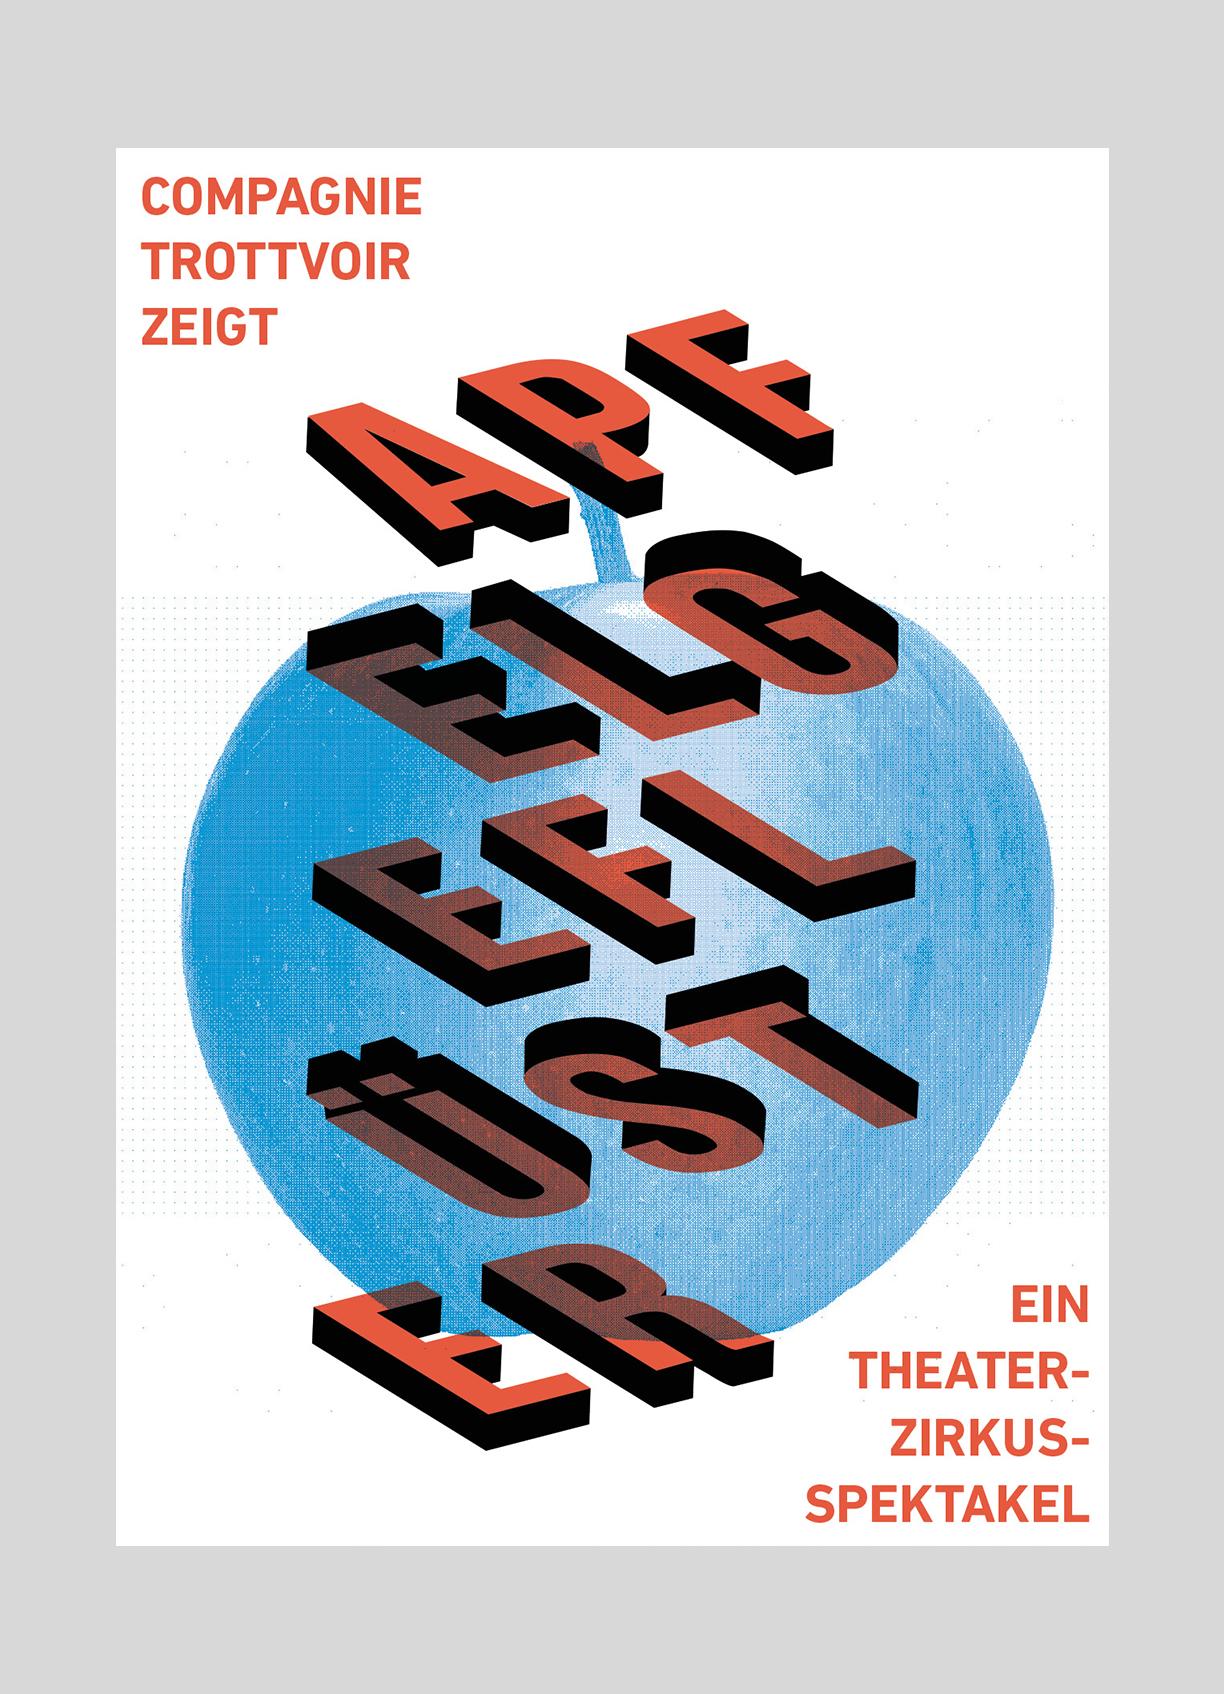 Compagnie Trottvoir – Apfelgeflüster   2015  Zirzensisches Strassentheater, Programm mit Artistik, Musik und Theater.